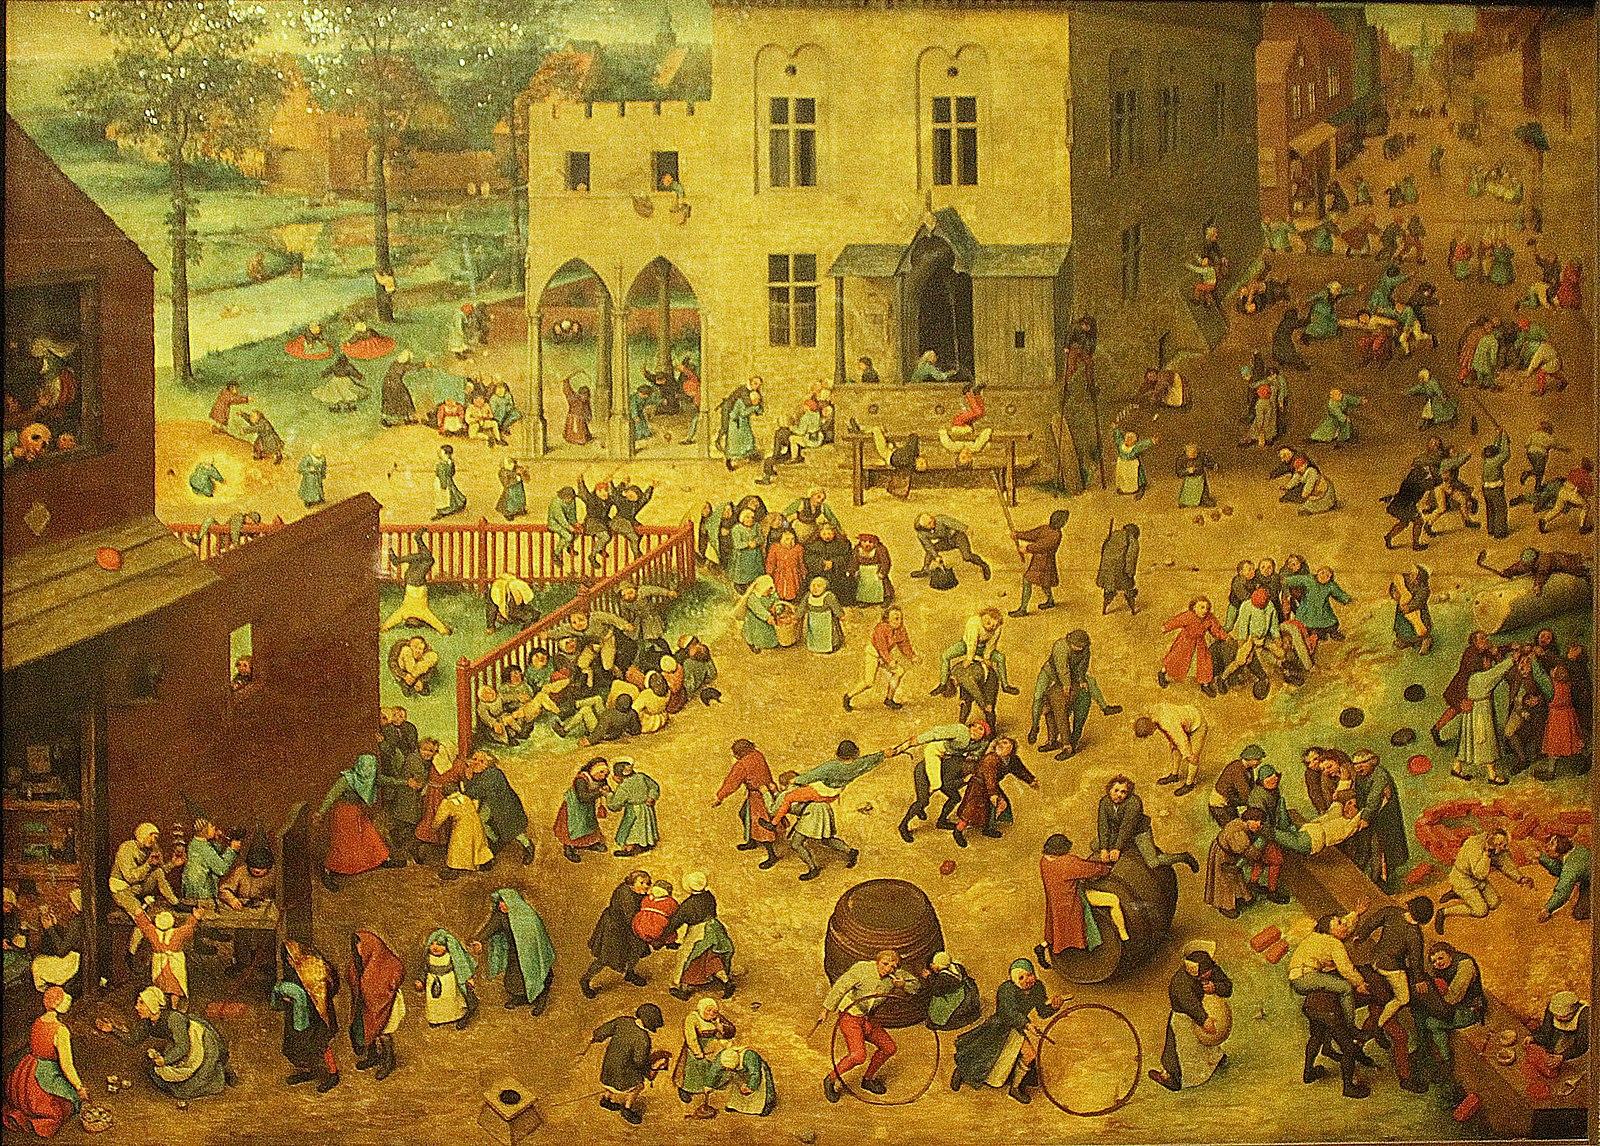 1600px Kunsthistorisches Museum Wien Pieter Bruegel d.Ä. spielende Kinder - Belohnung verbessert das Lernen, aber erst nach einer Runde Schlaf